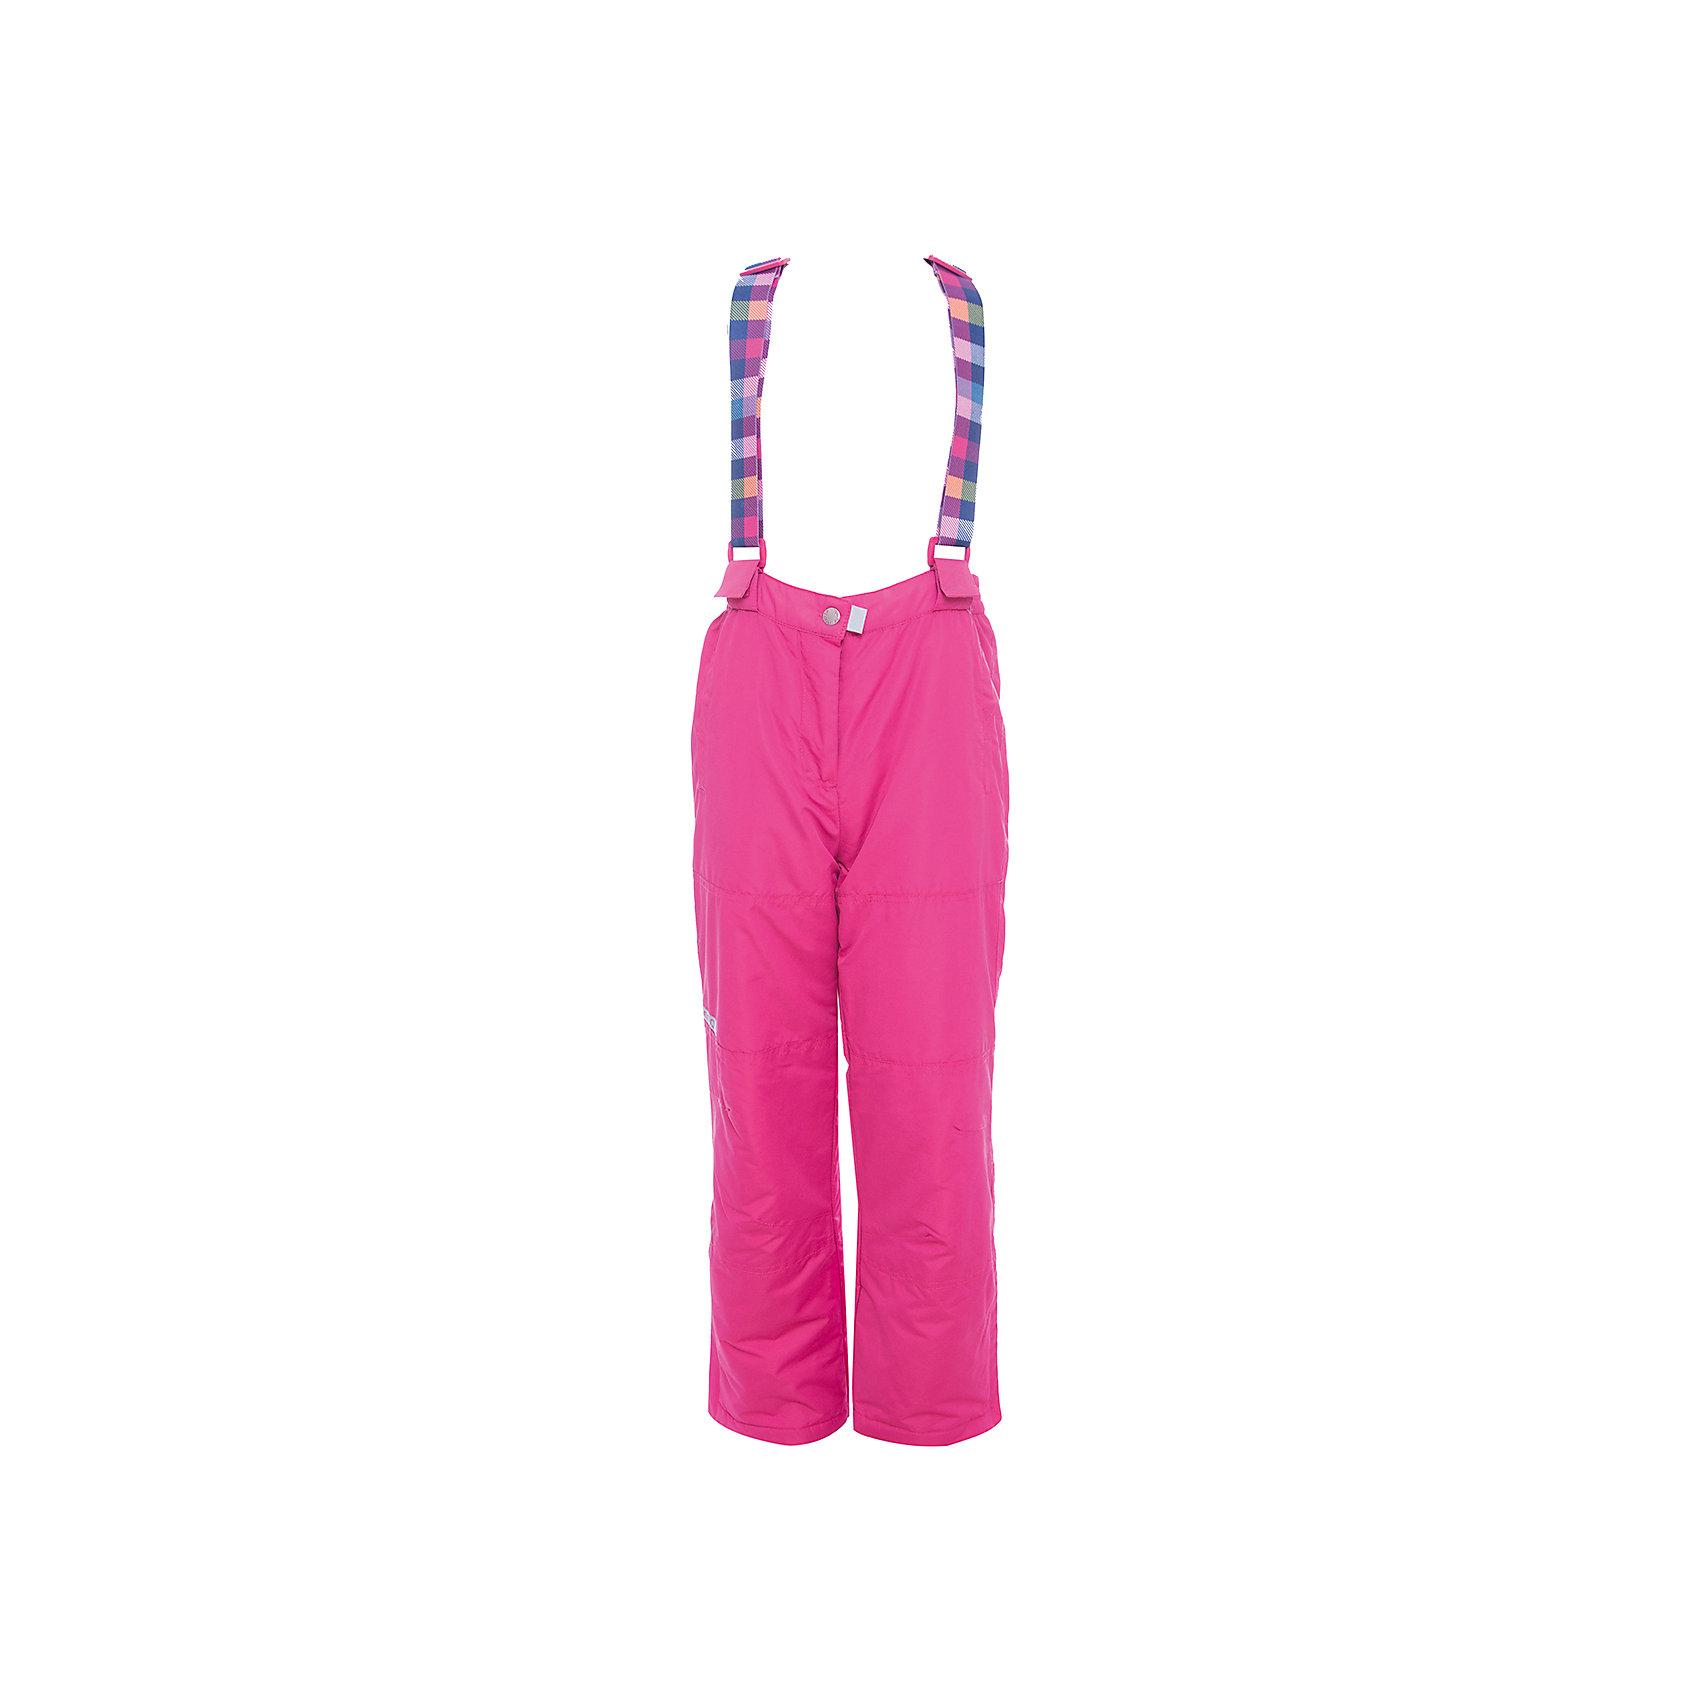 Брюки Scool для девочкиВерхняя одежда<br>Характеристики товара:<br><br>• цвет: розовый;<br>• состав: 100% полиэстер;<br>• подкладка: 100% полиэстер;<br>• утеплитель: 100% полиэстер, 100 г/м2;<br>• сезон: зима;<br>• температурный режим: от 0 до -20С;<br>• водонепроницаемая ткань;<br>• застежка: ширинка на молнии и кнопка;<br>• съемные, регулируемые бретельки на липучках;<br>• пояс брюк на широкой резинке;<br>• манжеты внизу штанин на резинках;<br>• штрипки;<br>• гладкая подкладка из полиэстера;<br>• два боковых кармана на липучках;<br>• светоотражающие детали;<br>• коллекция: Привет, Париж!;<br>• страна бренда: Германия;<br>• страна изготовитель: Китай.<br><br>Брюки Scool для девочки. Брюки из водонепроницаемой ткани. Регулируемые бретели на липучках, при необходимости их можно отстегнуть. Пояс на широкой резинке. Брюки застегиваются на молнию и кнопку. Низ штанин дополнен специальными манжетами со штрипками. Светоотражатели обеспечат видимость ребенка в темное время суток. Брюки с встрочными карманами на липучках.<br><br>Брюки Scool для девочки (Скул) можно купить в нашем интернет-магазине.<br><br>Ширина мм: 215<br>Глубина мм: 88<br>Высота мм: 191<br>Вес г: 336<br>Цвет: розовый<br>Возраст от месяцев: 156<br>Возраст до месяцев: 168<br>Пол: Женский<br>Возраст: Детский<br>Размер: 164,134,140,146,152,158<br>SKU: 7105506